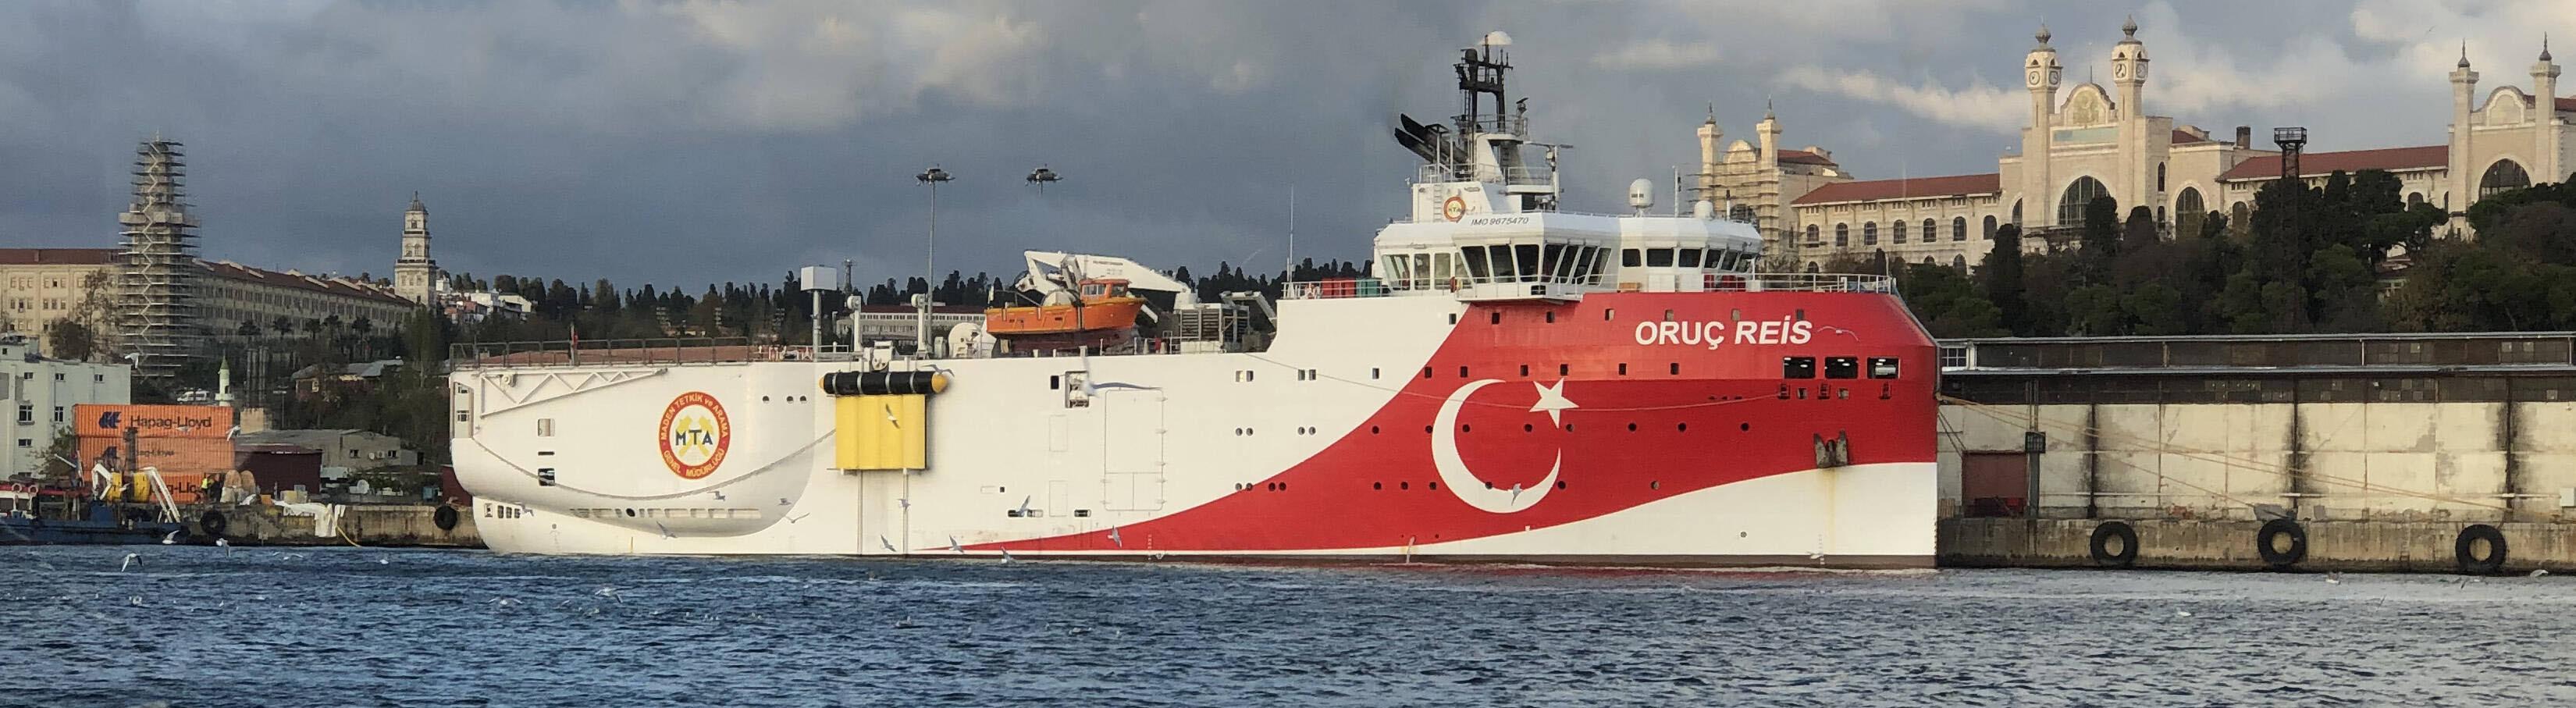 """Das türkische Explorationsschiff """"Oruc Reis"""" liegt vor einer Stadt an."""